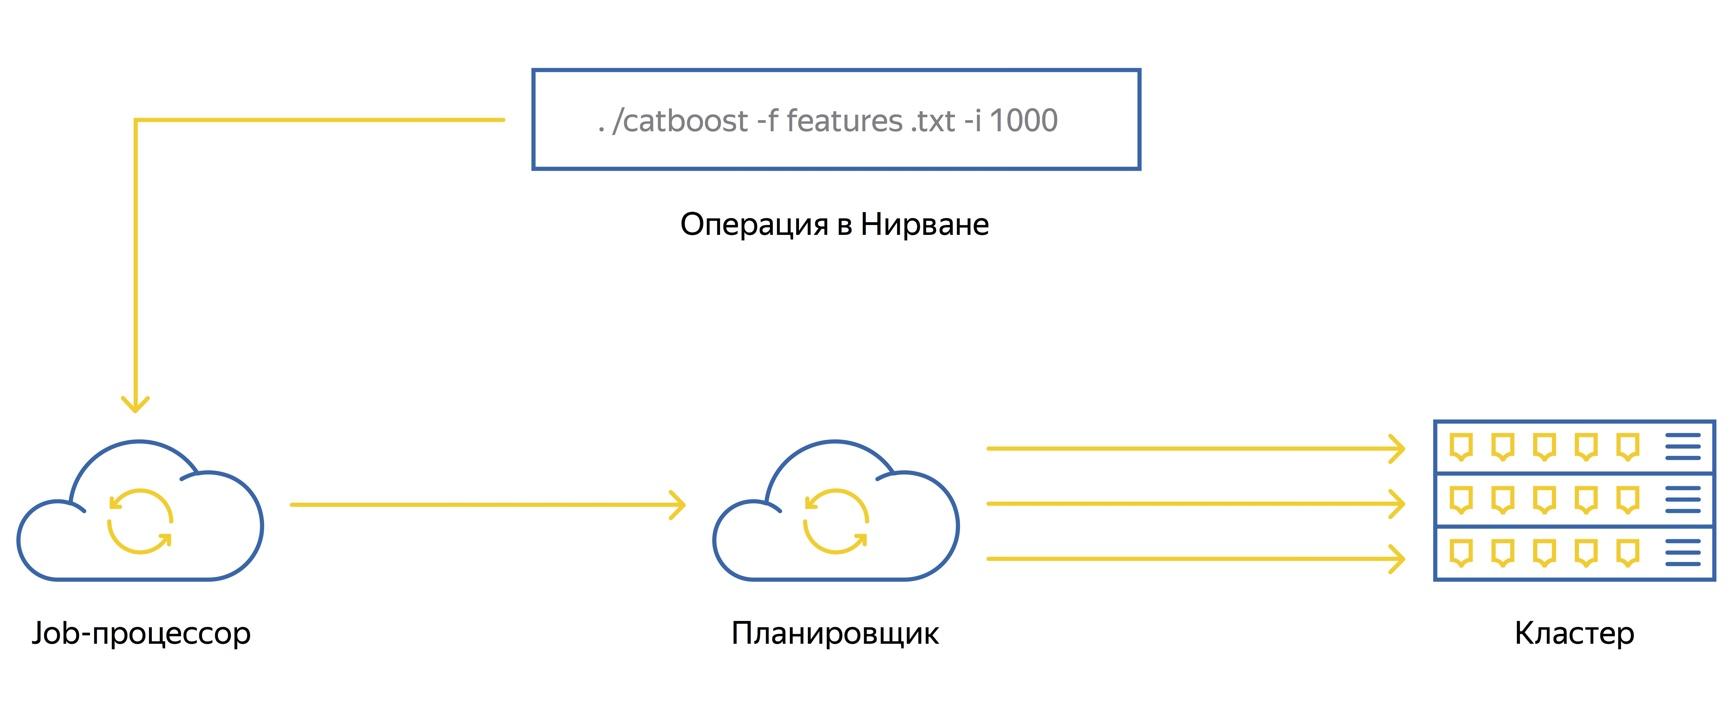 Познаём Нирвану – универсальную вычислительную платформу Яндекса - 4